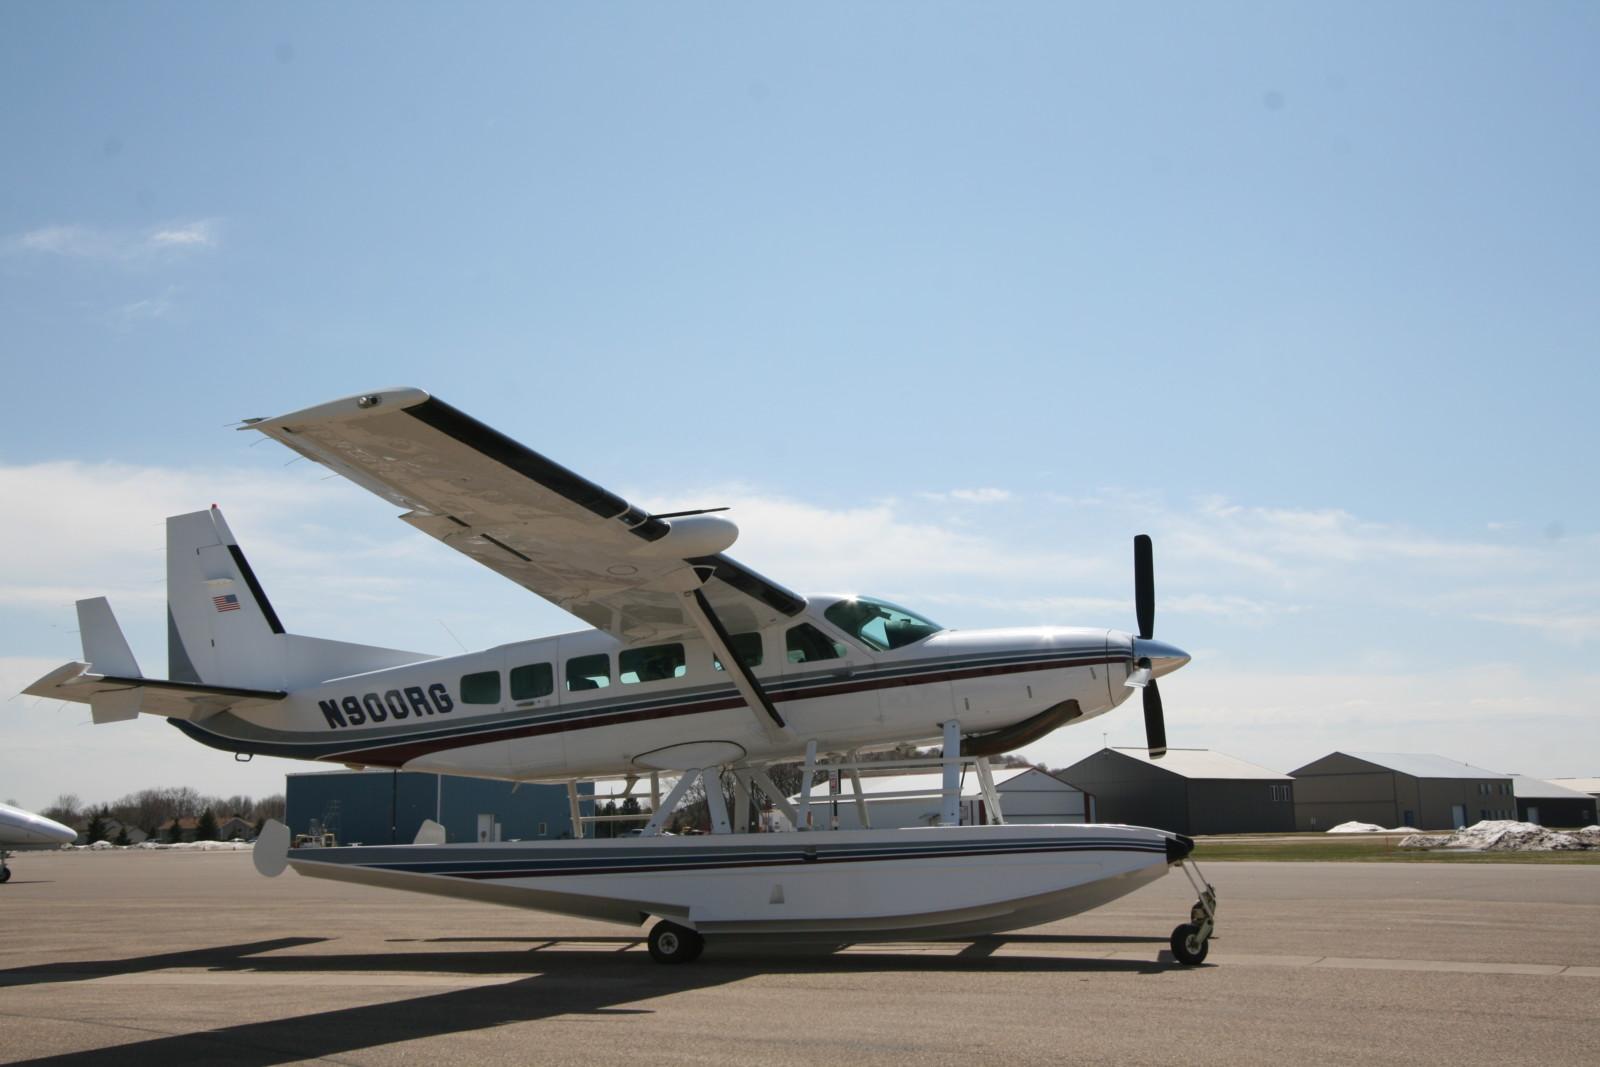 1998 cessna caravan amphibious wipaire  inc Cessna 208 Caravan Amphibian Maintenance Manual Cessna Grand Caravan Interior